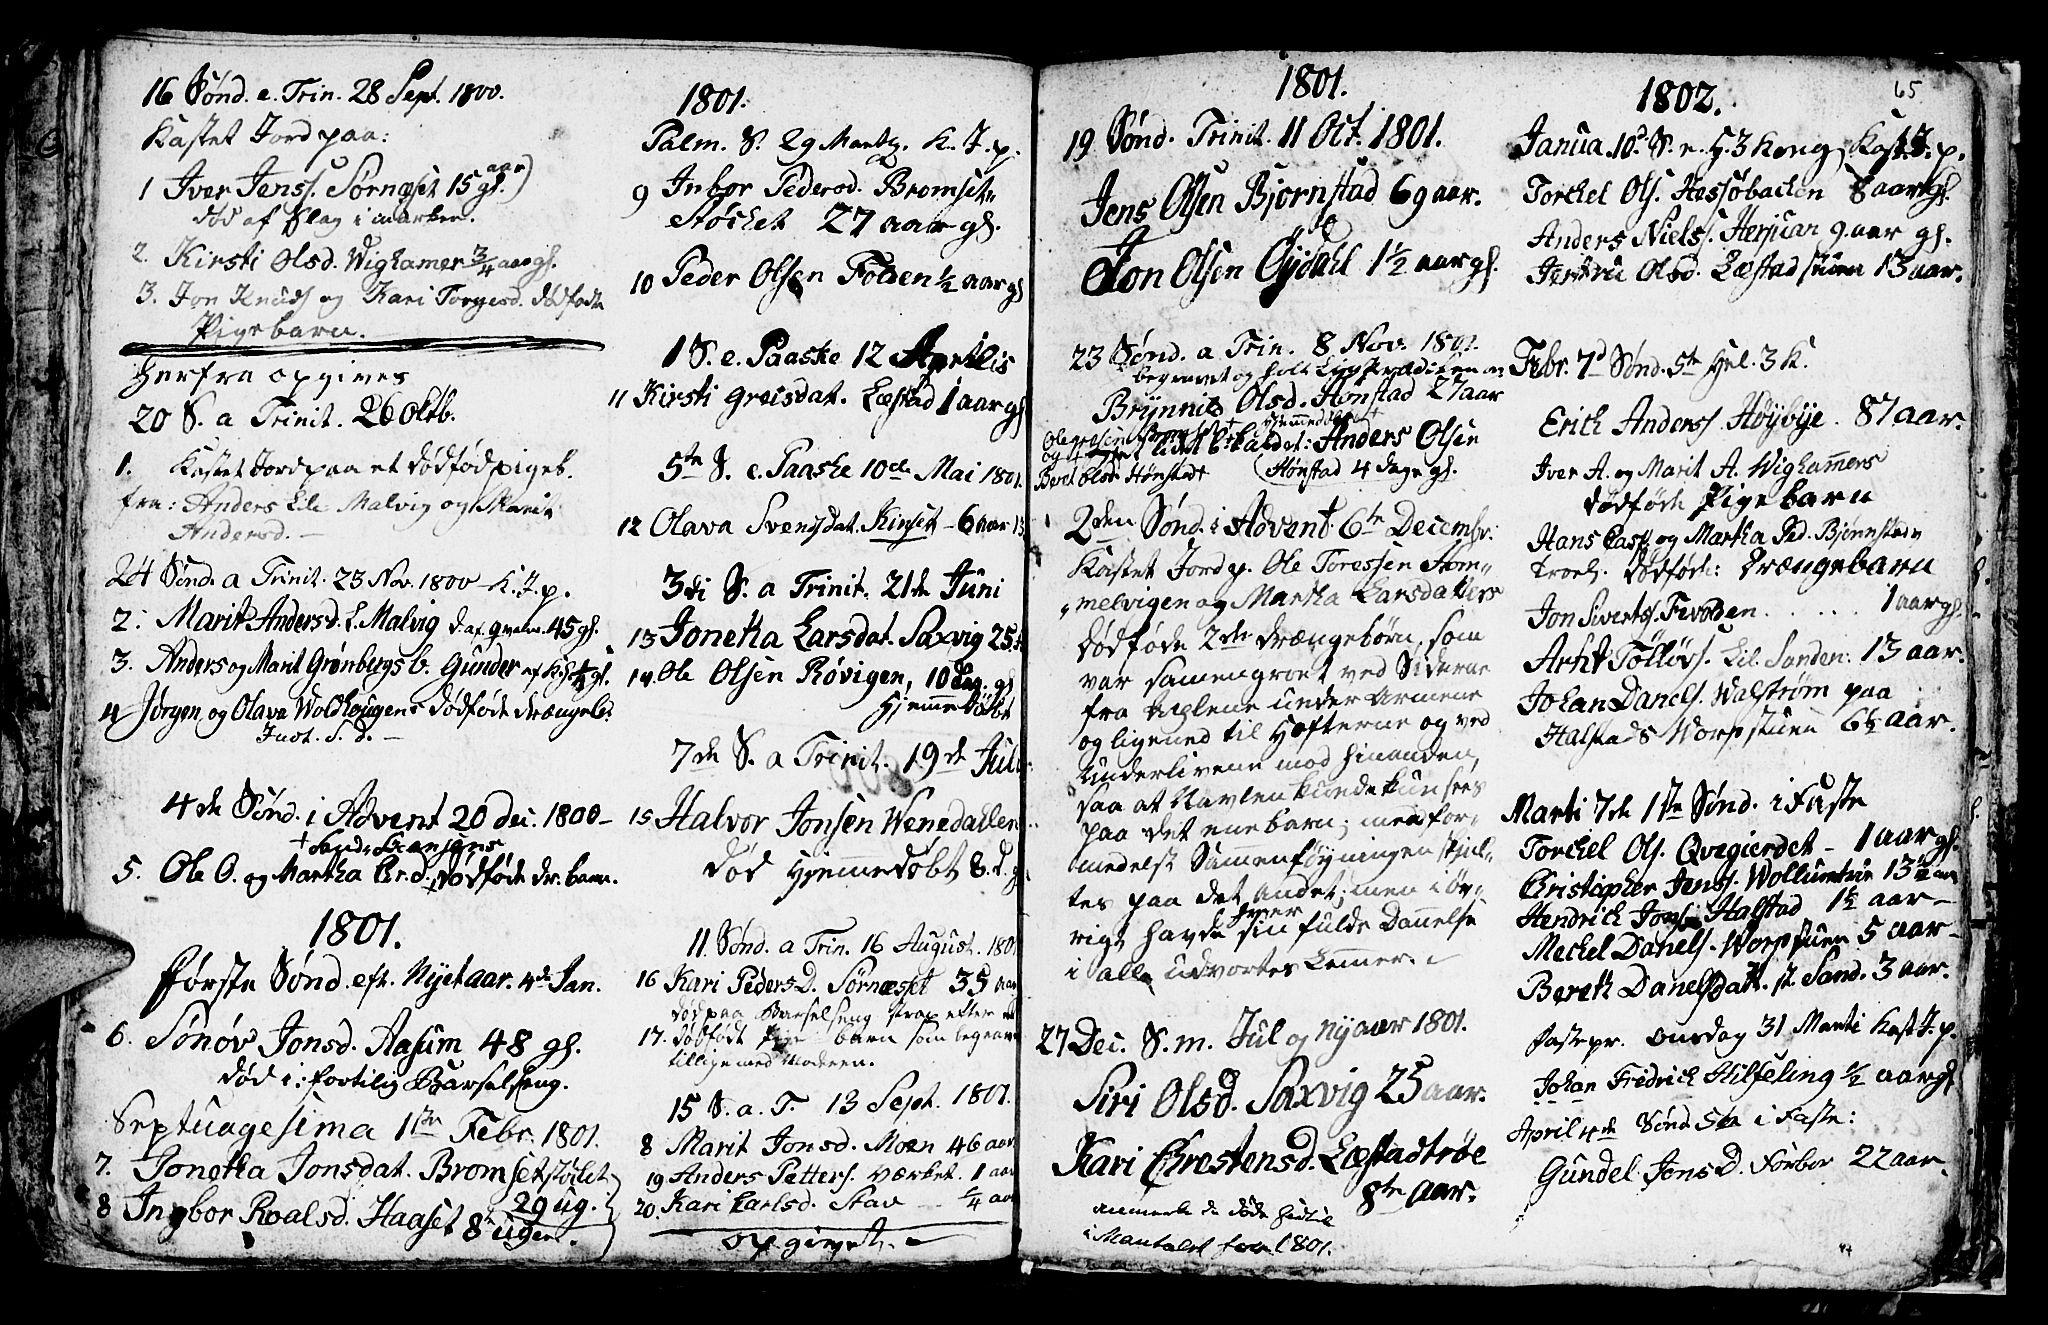 SAT, Ministerialprotokoller, klokkerbøker og fødselsregistre - Sør-Trøndelag, 616/L0419: Klokkerbok nr. 616C02, 1797-1816, s. 65